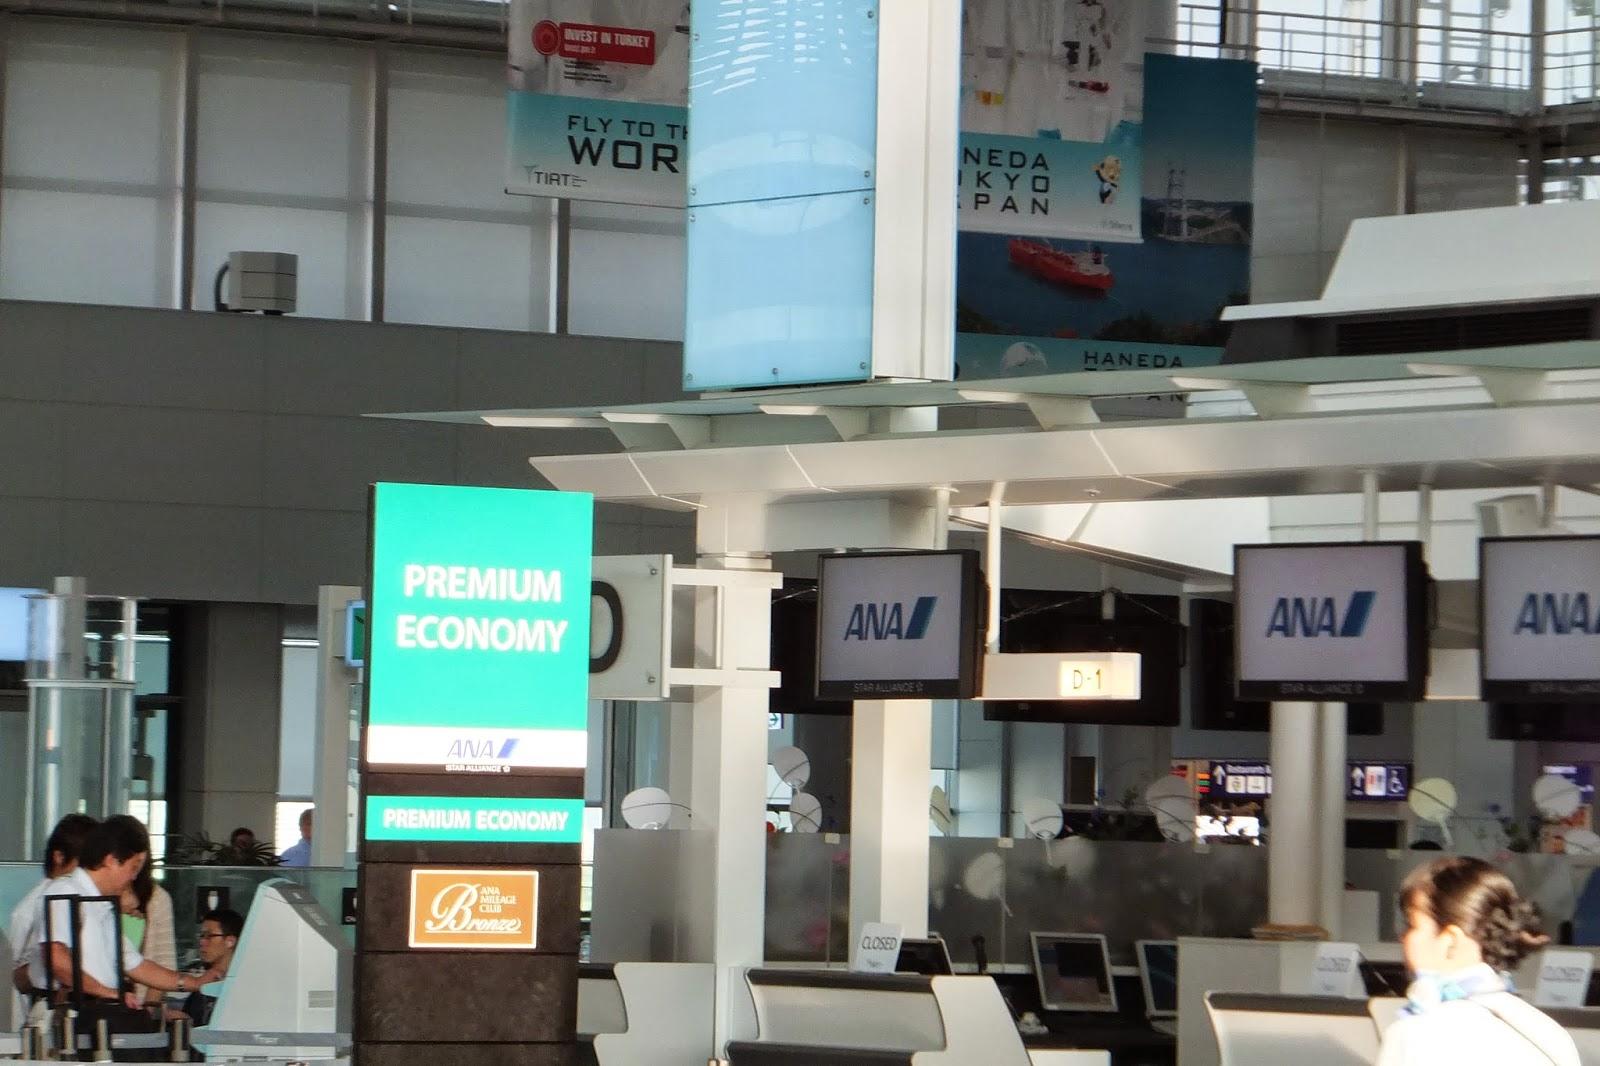 haneda-airport-ana